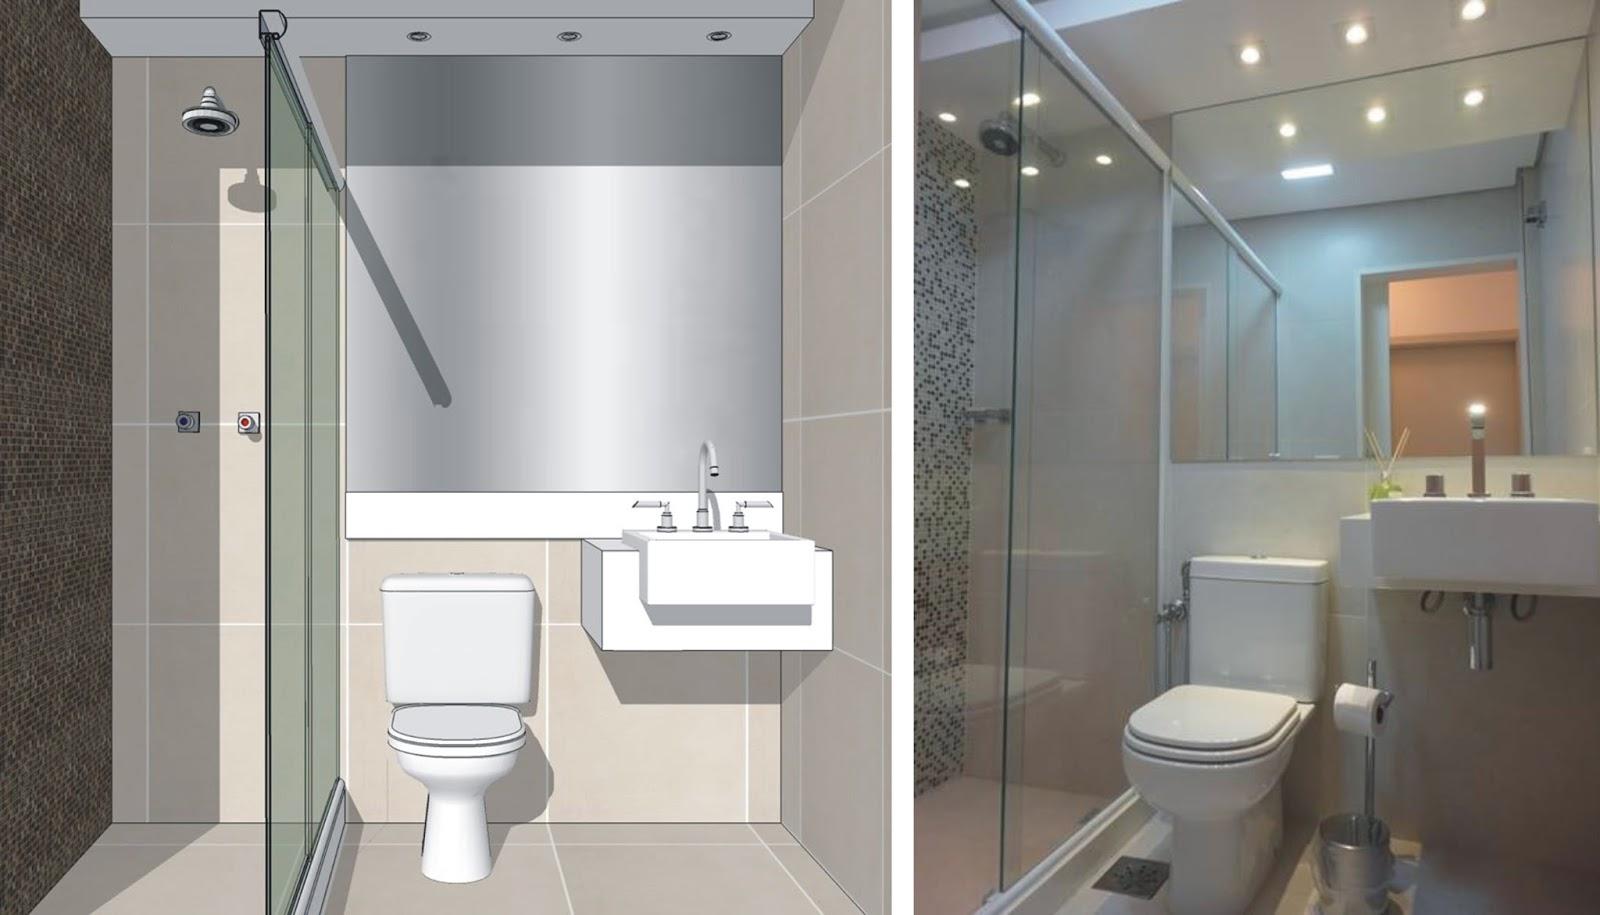 Banheiro Com Closet Pequeno  rinkratmagcom banheiros decorados 2017 -> Closet Pequeno Com Banheiro